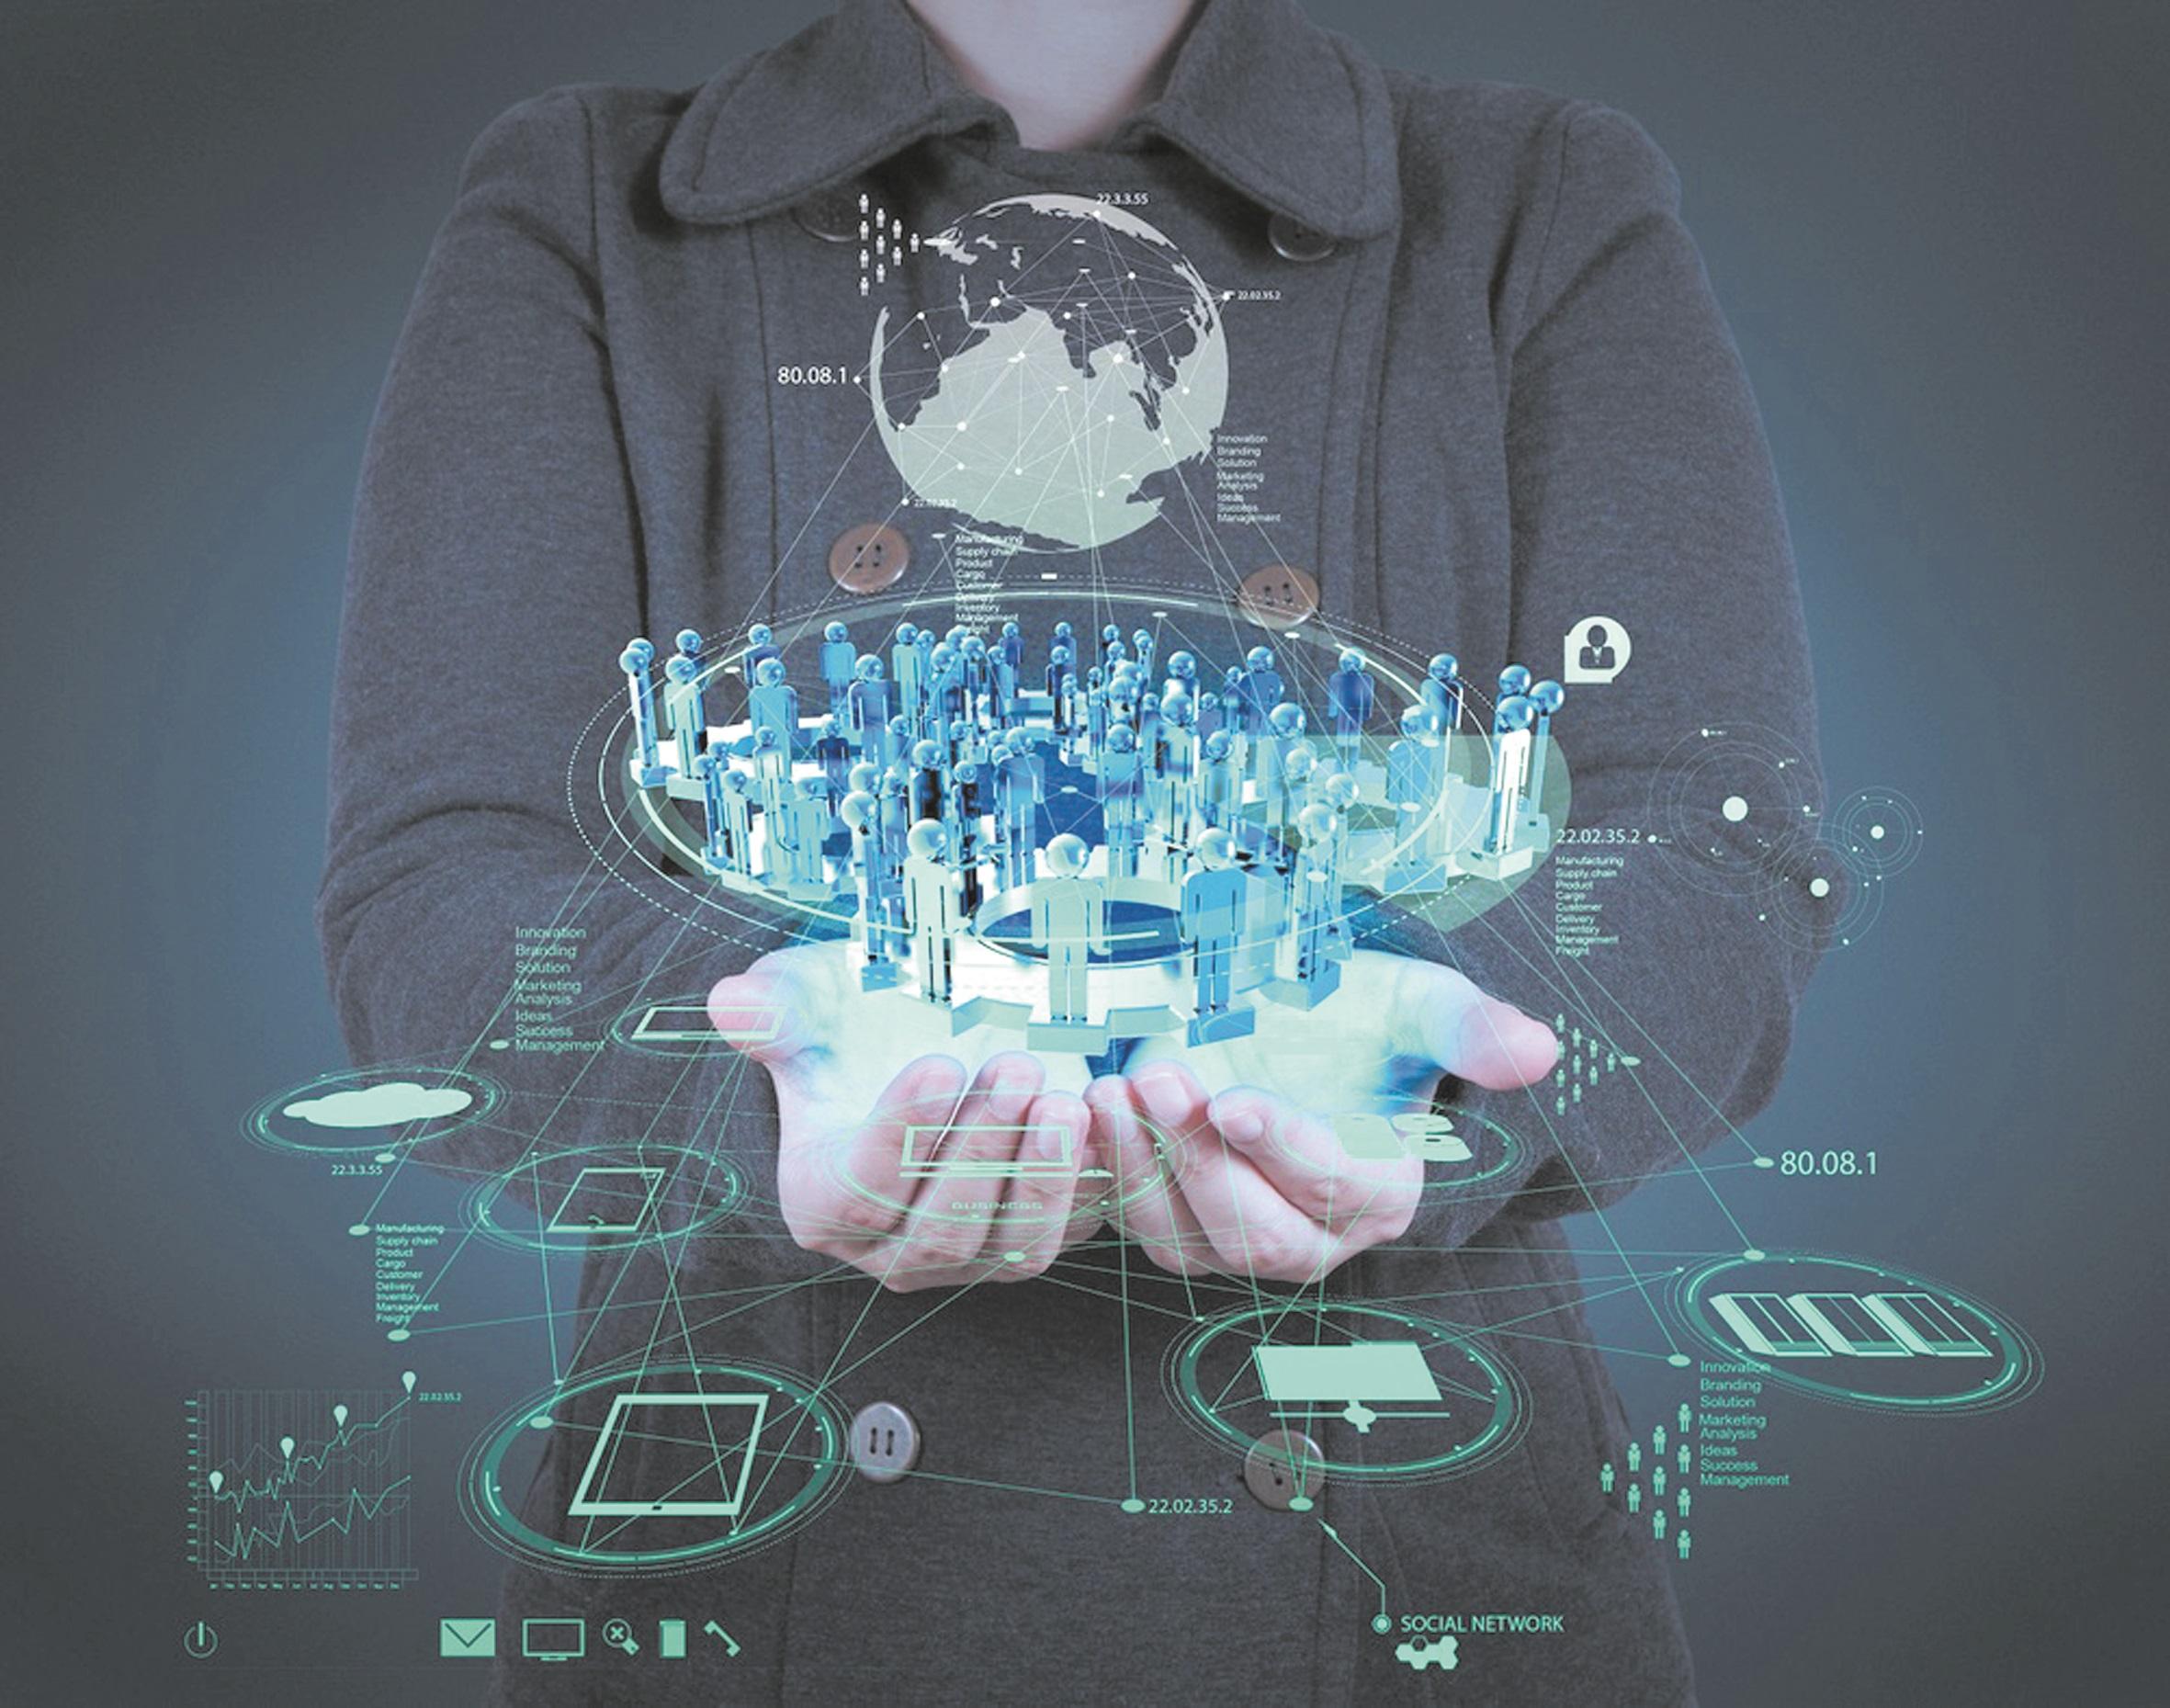 Les usages et l'Internet mobile portent la croissance du secteur des télécoms